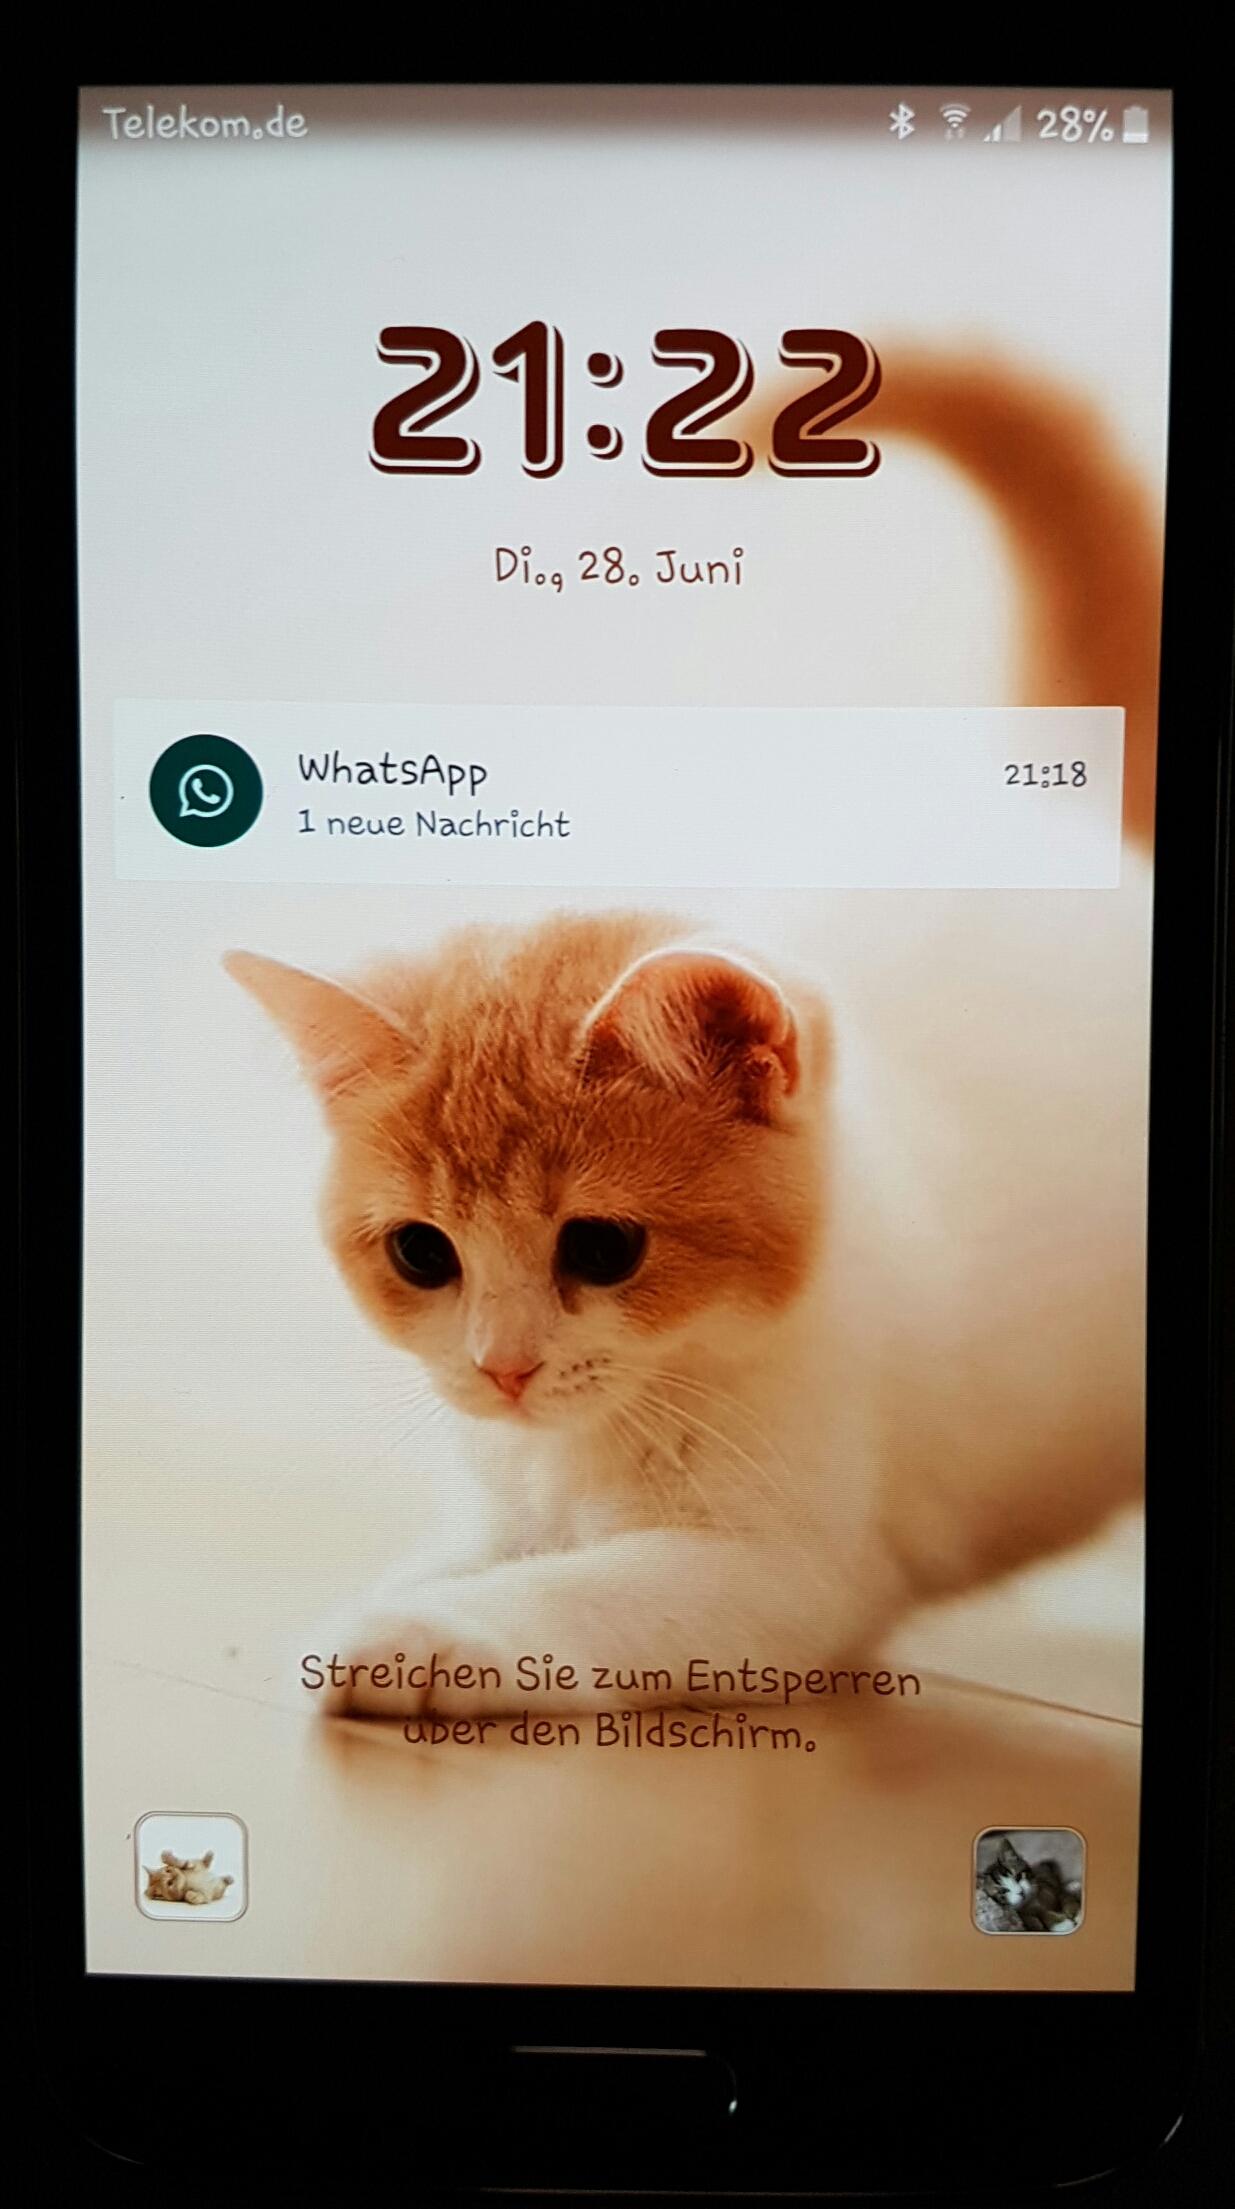 Whatsapp Nachricht Auf Sperrbildschirm